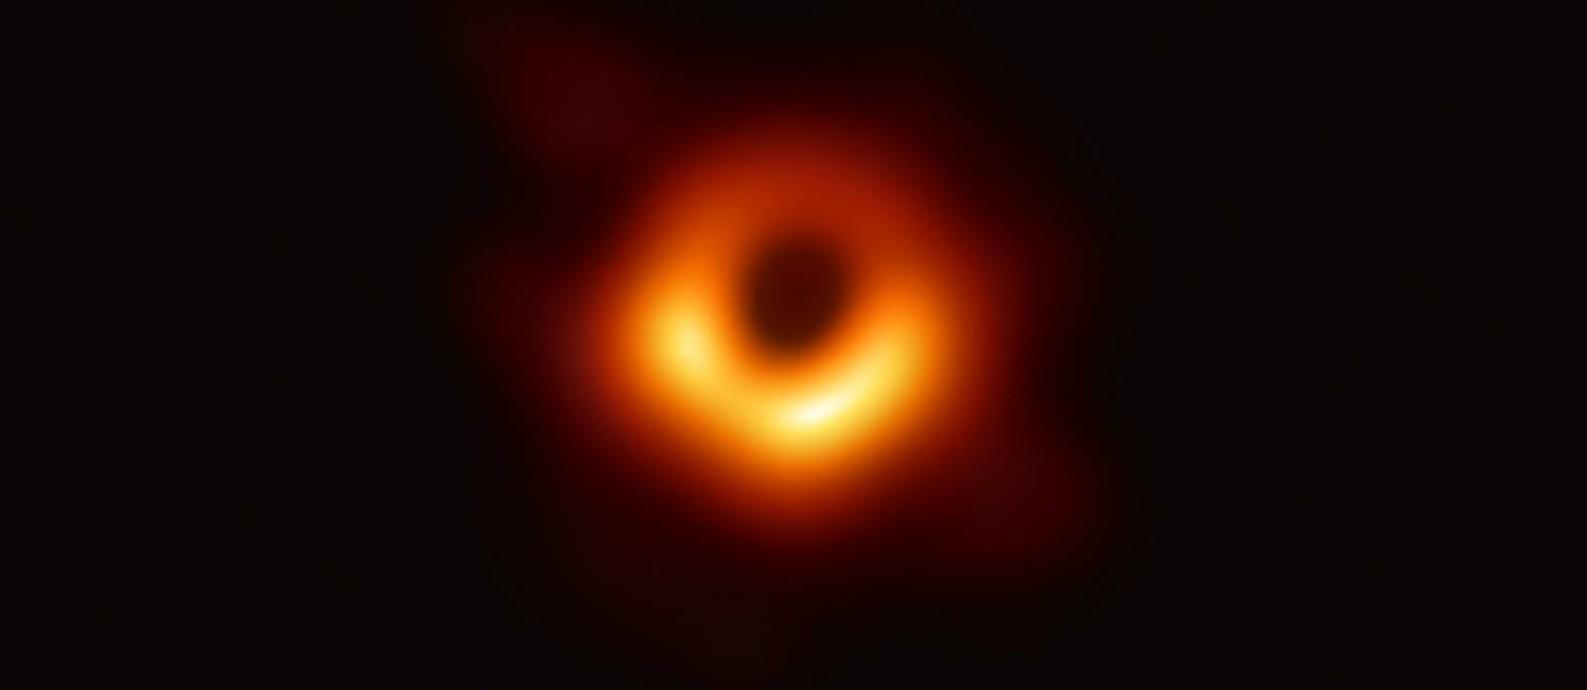 Astrônomos revelam ao mundo a primeira imagem de um buraco negro. O primeiro a ser registrado foi detectado no centro da galáxia M87, a cerca de 50 milhões de anos-luz da Terra. Foto: Divulgação / Event Horizon Telescope Foto: Agência O Globo